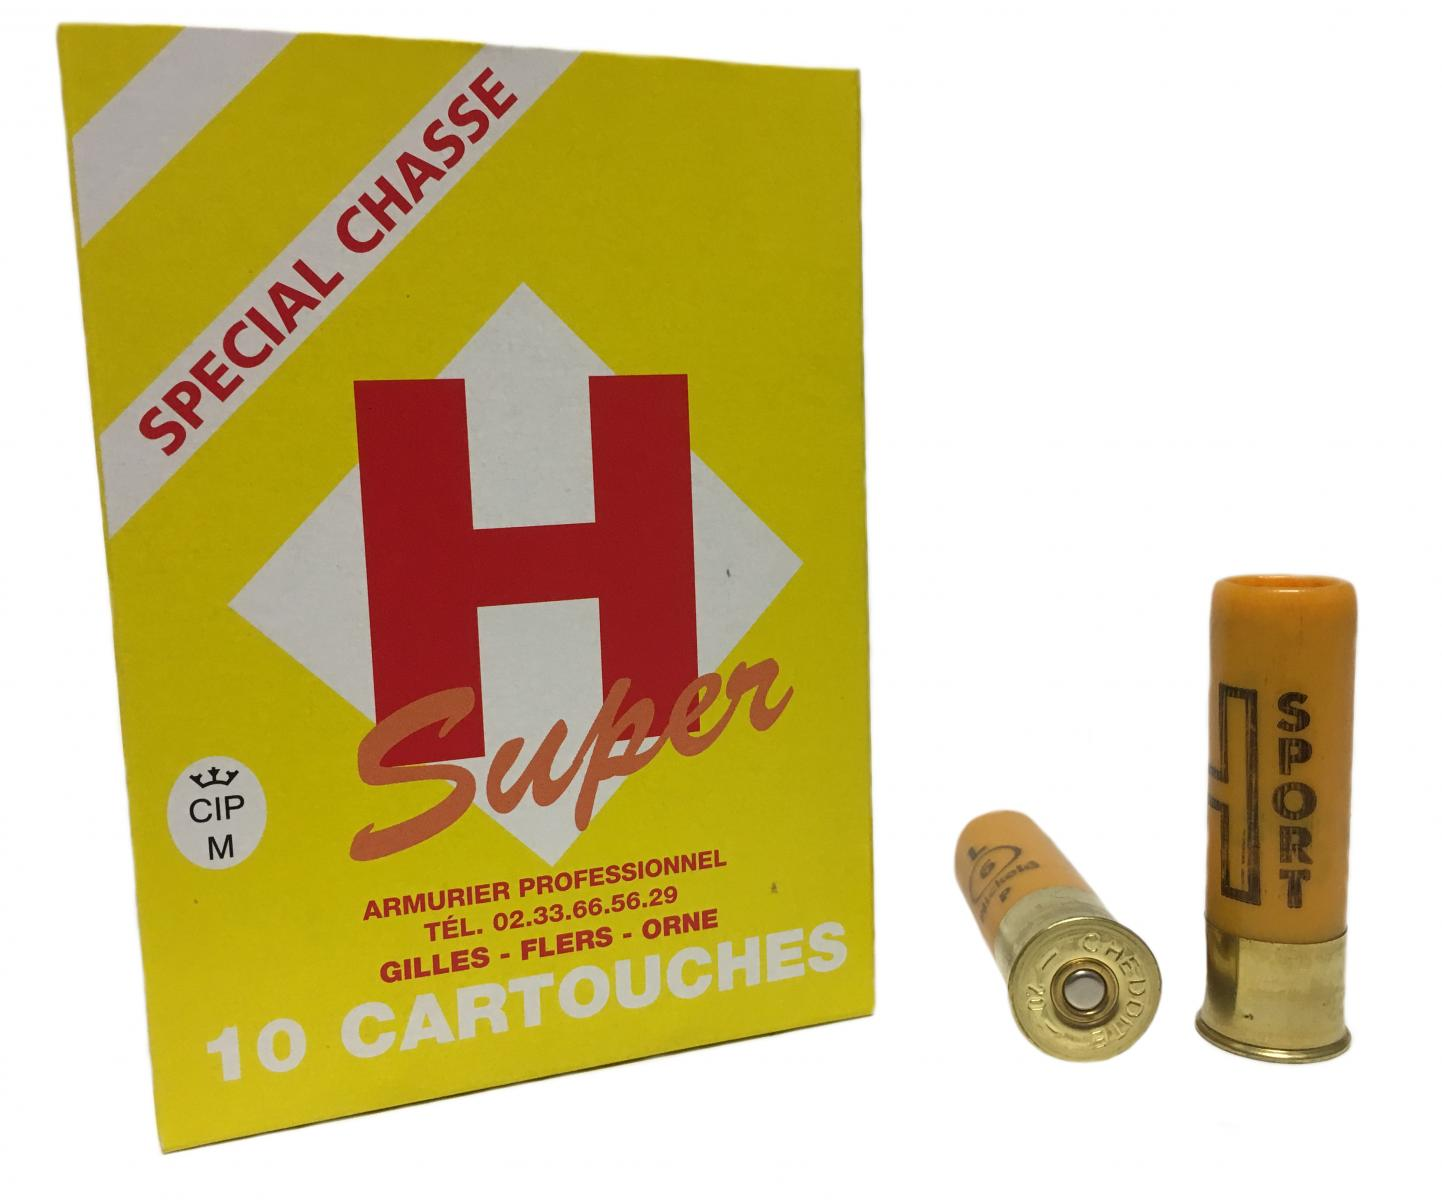 Boite de 10 cartouches H SPORT 20 / 70 grande puissance 28 grs Bourre JUPE SUPER L3